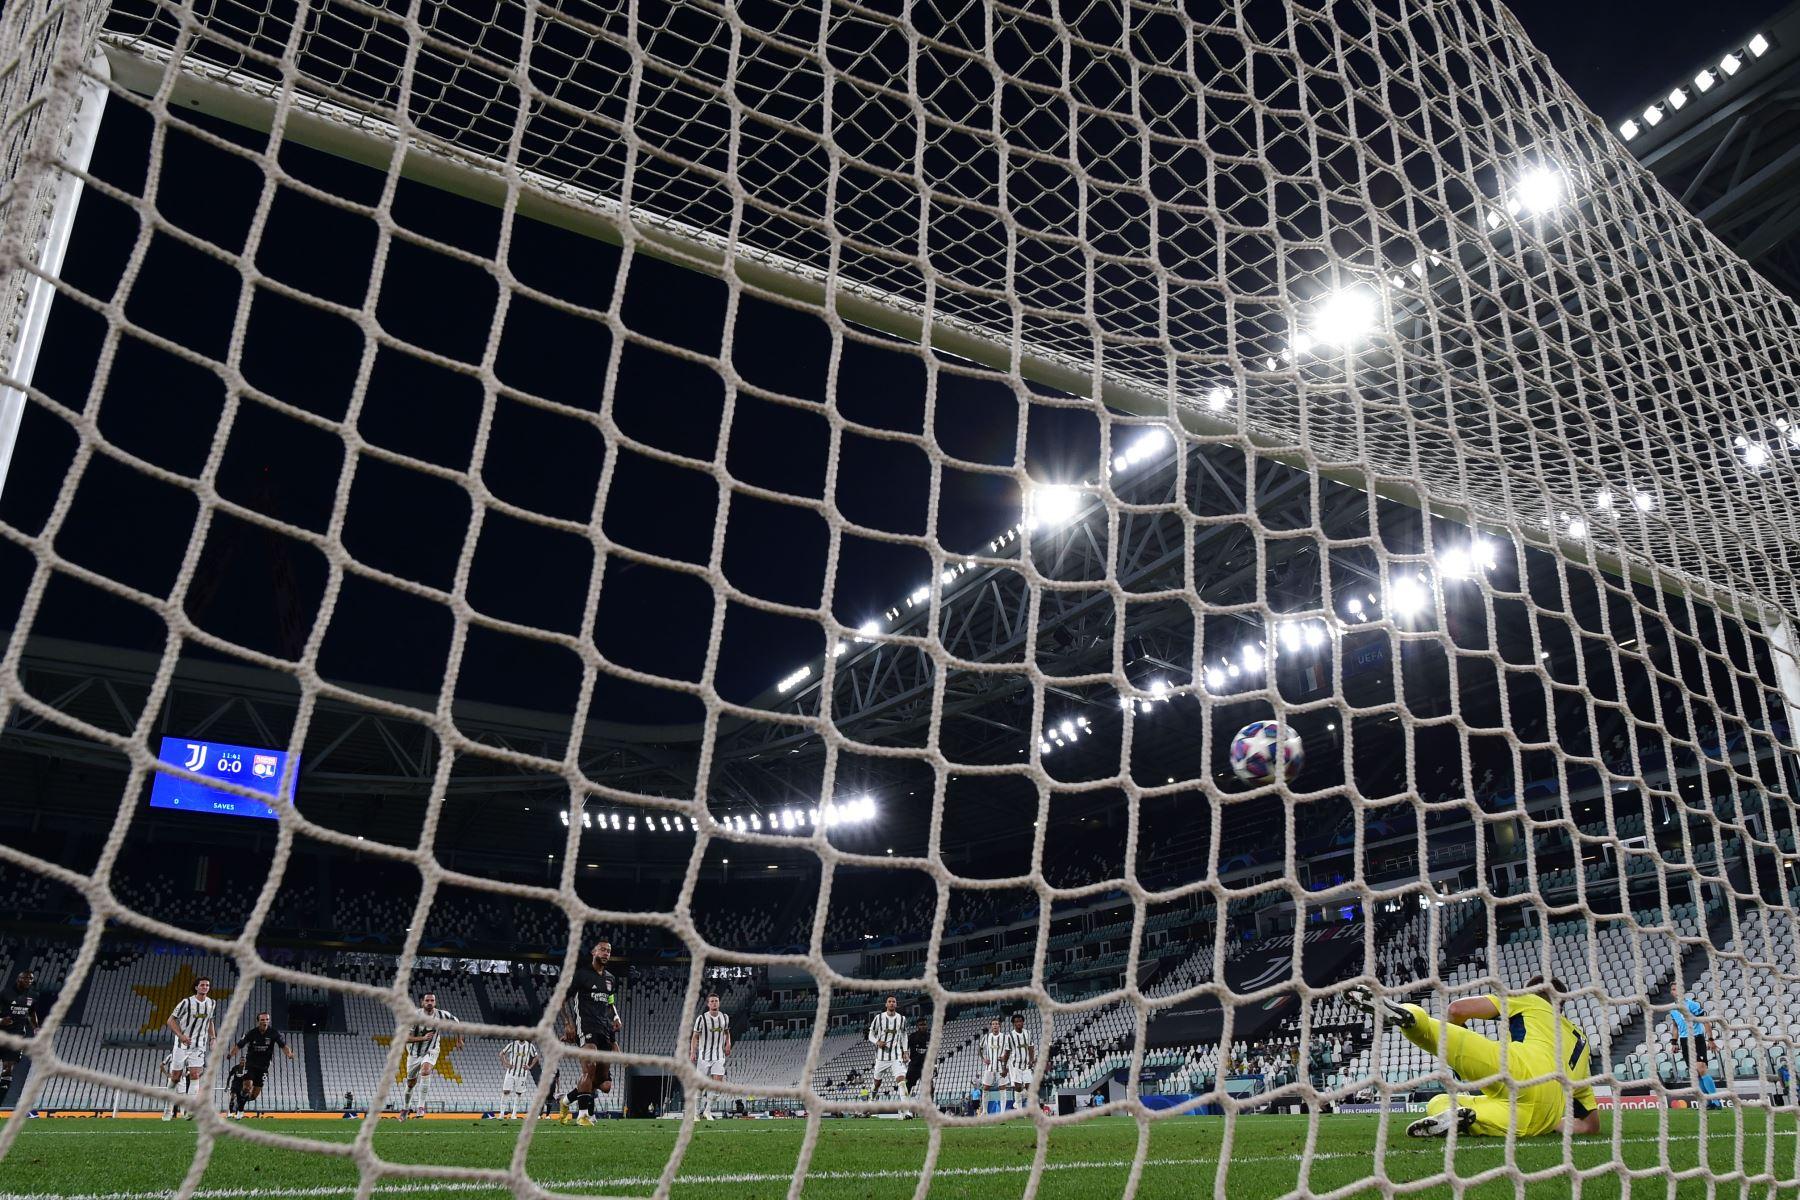 El delantero holandés del Lyon Memphis Depay marca un penalti durante el partido de vuelta de los octavos de final de la Liga de Campeones de la UEFA entre la Juventus y el Lyon. Foto: AFP